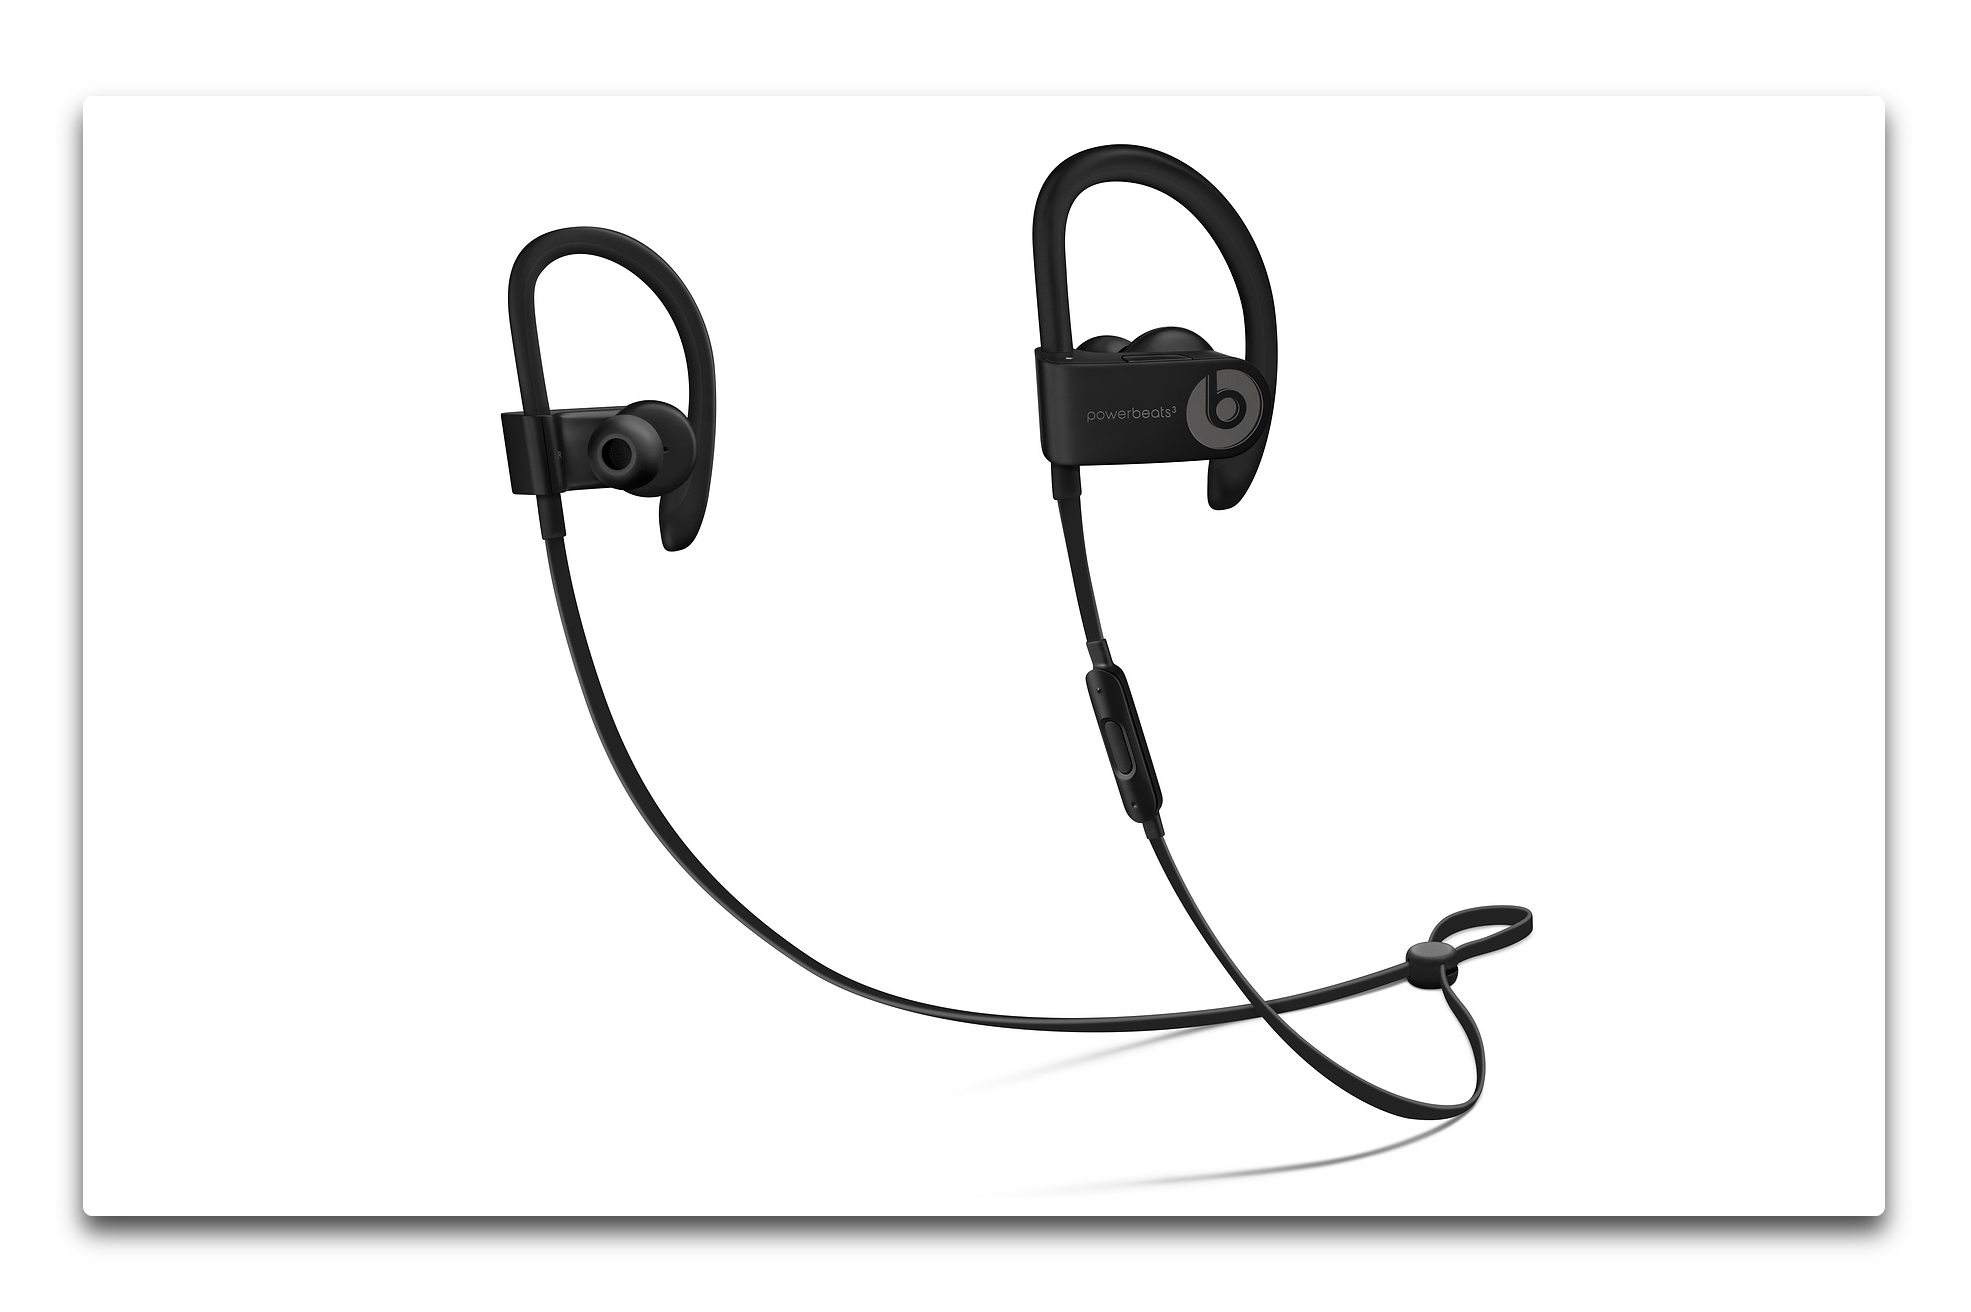 AppleのBeatsブランド、4月に新しいワイヤレスPowerbeatsを発表